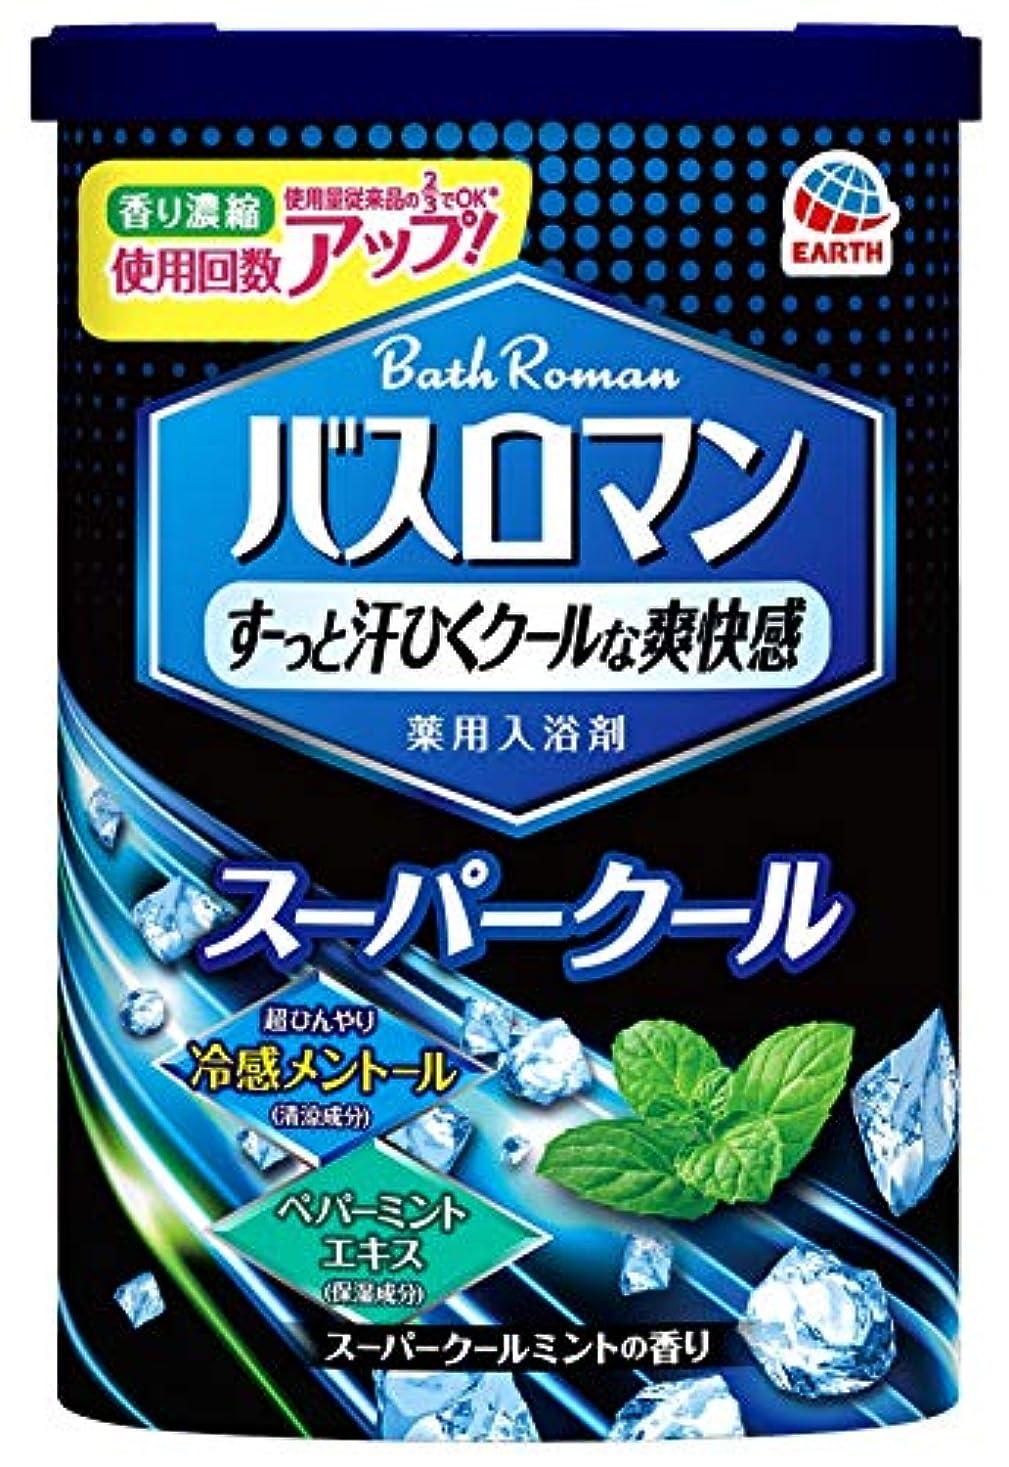 原子炉起点ソファー【医薬部外品】バスロマン 入浴剤 スーパークールタイプ [600g]